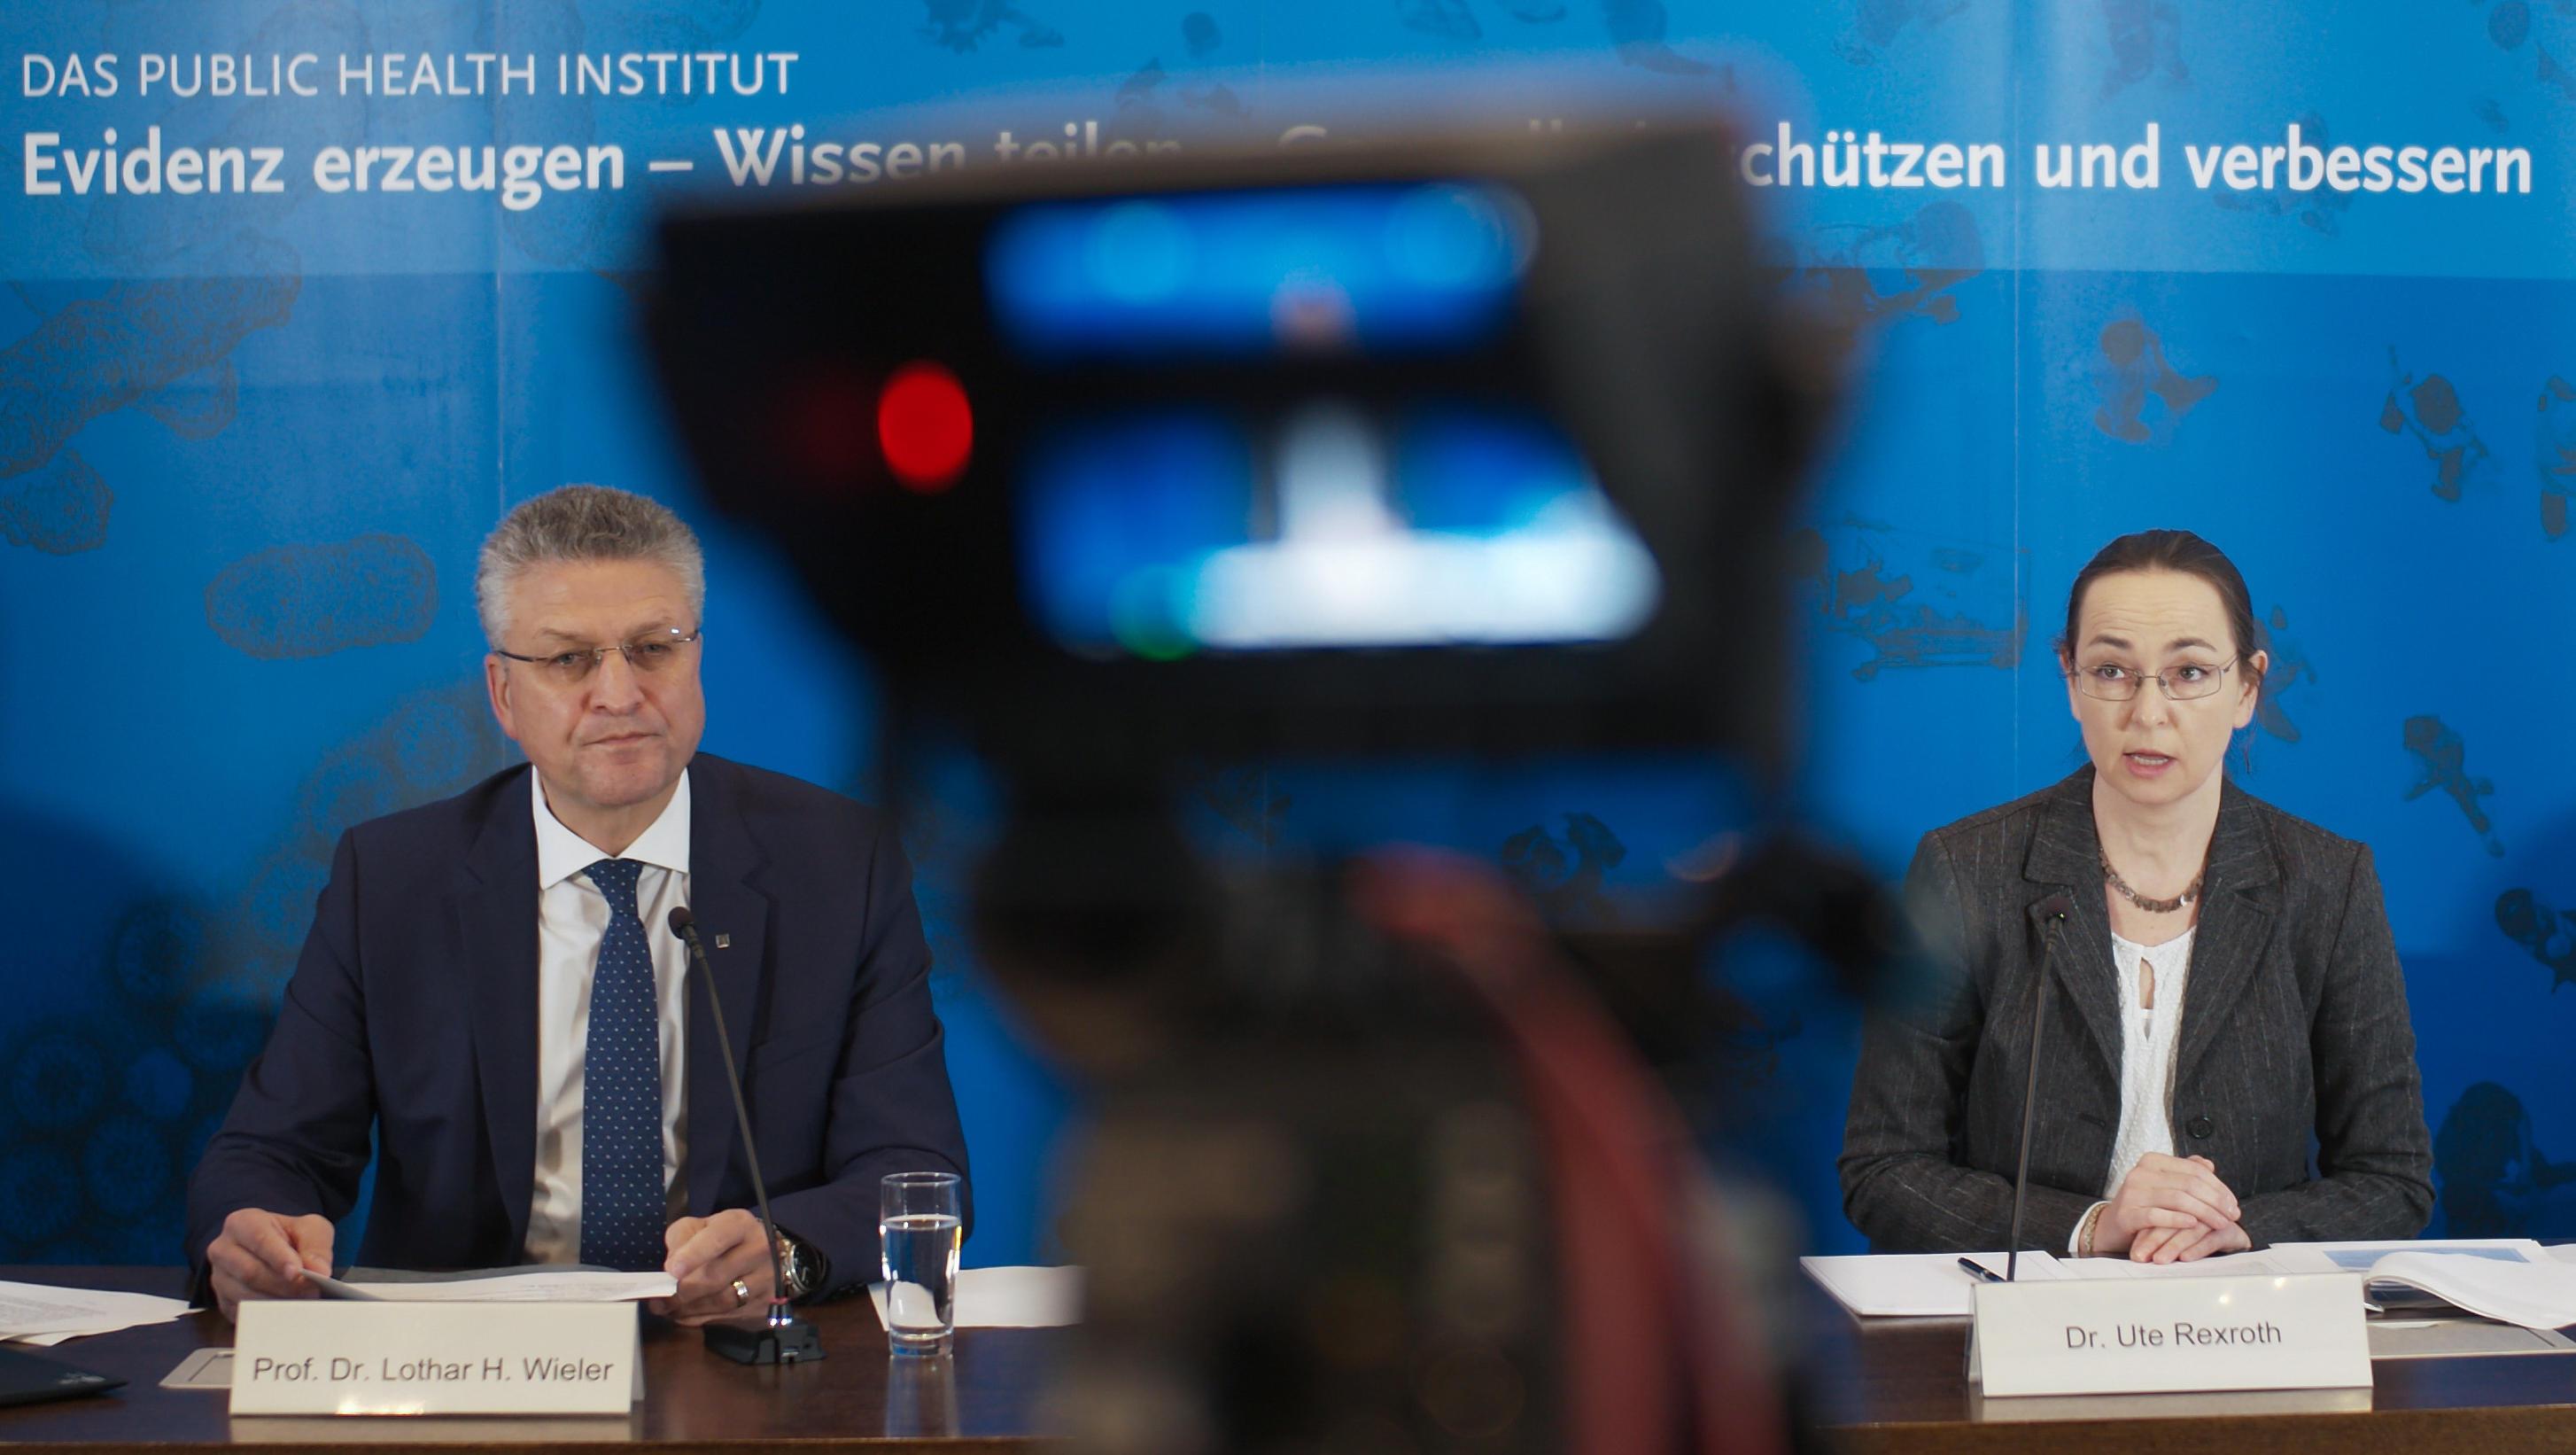 Robert-Koch-Institut will Deutschland noch über Monate im Lockdown halten